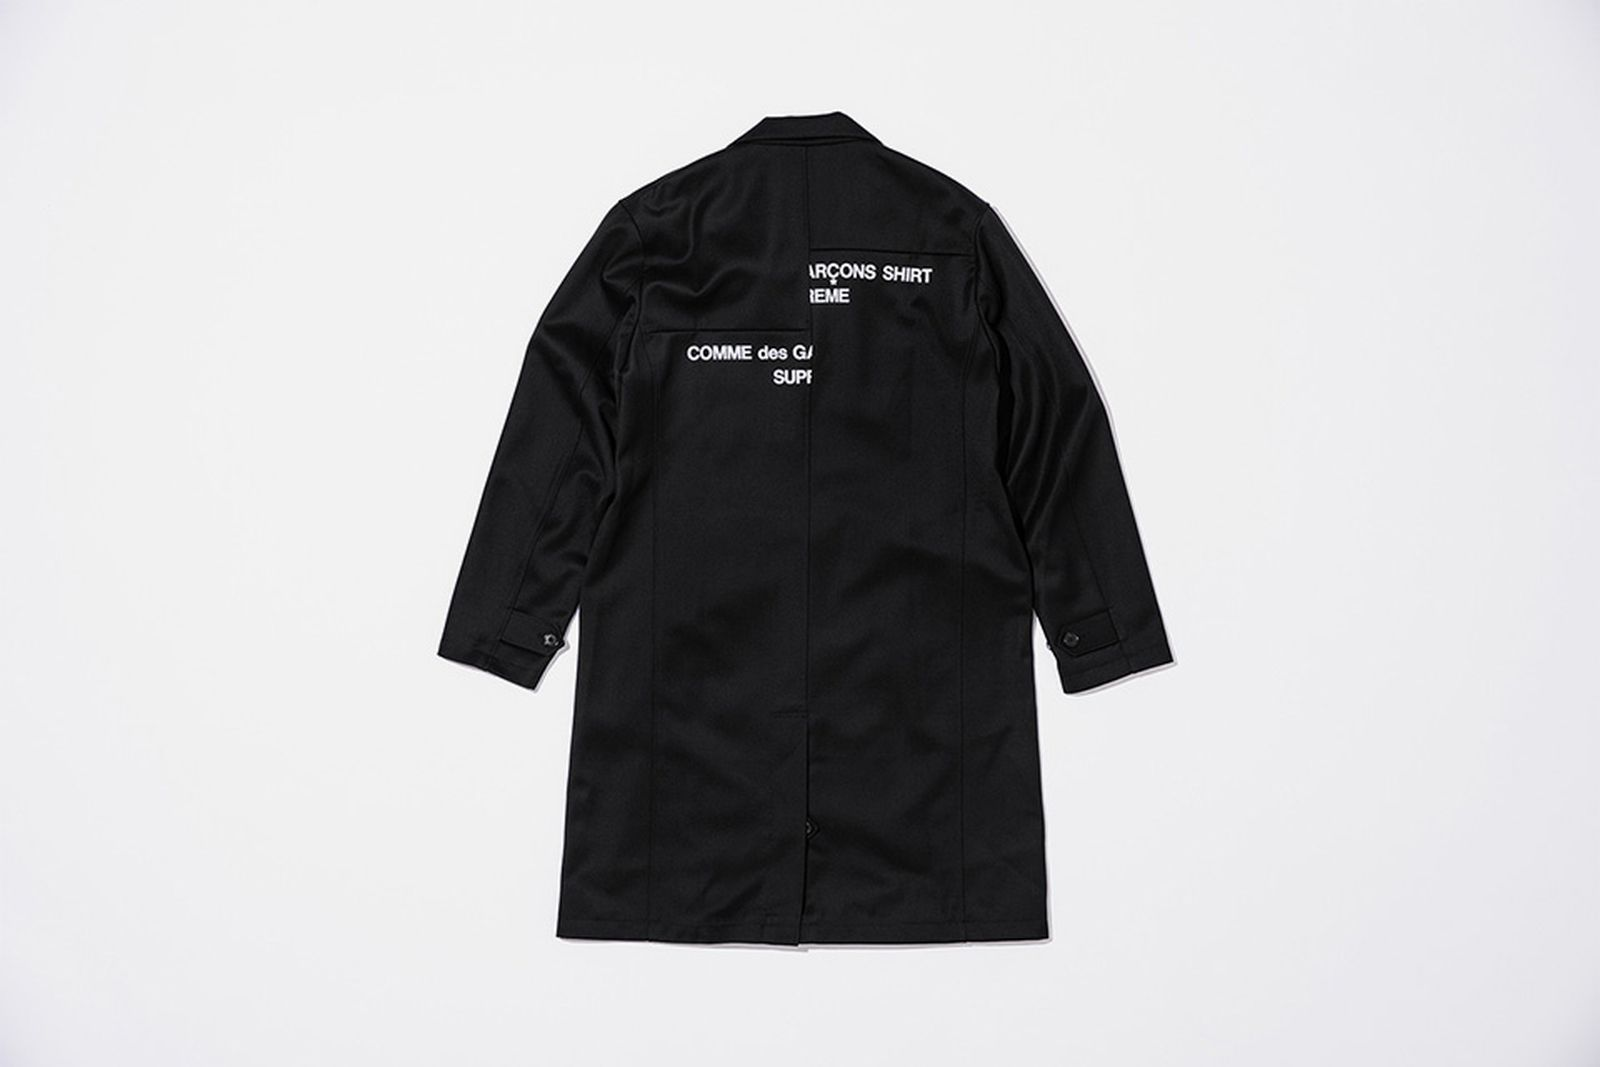 supreme cdg DSMLA comme des garcons shirt dover street market